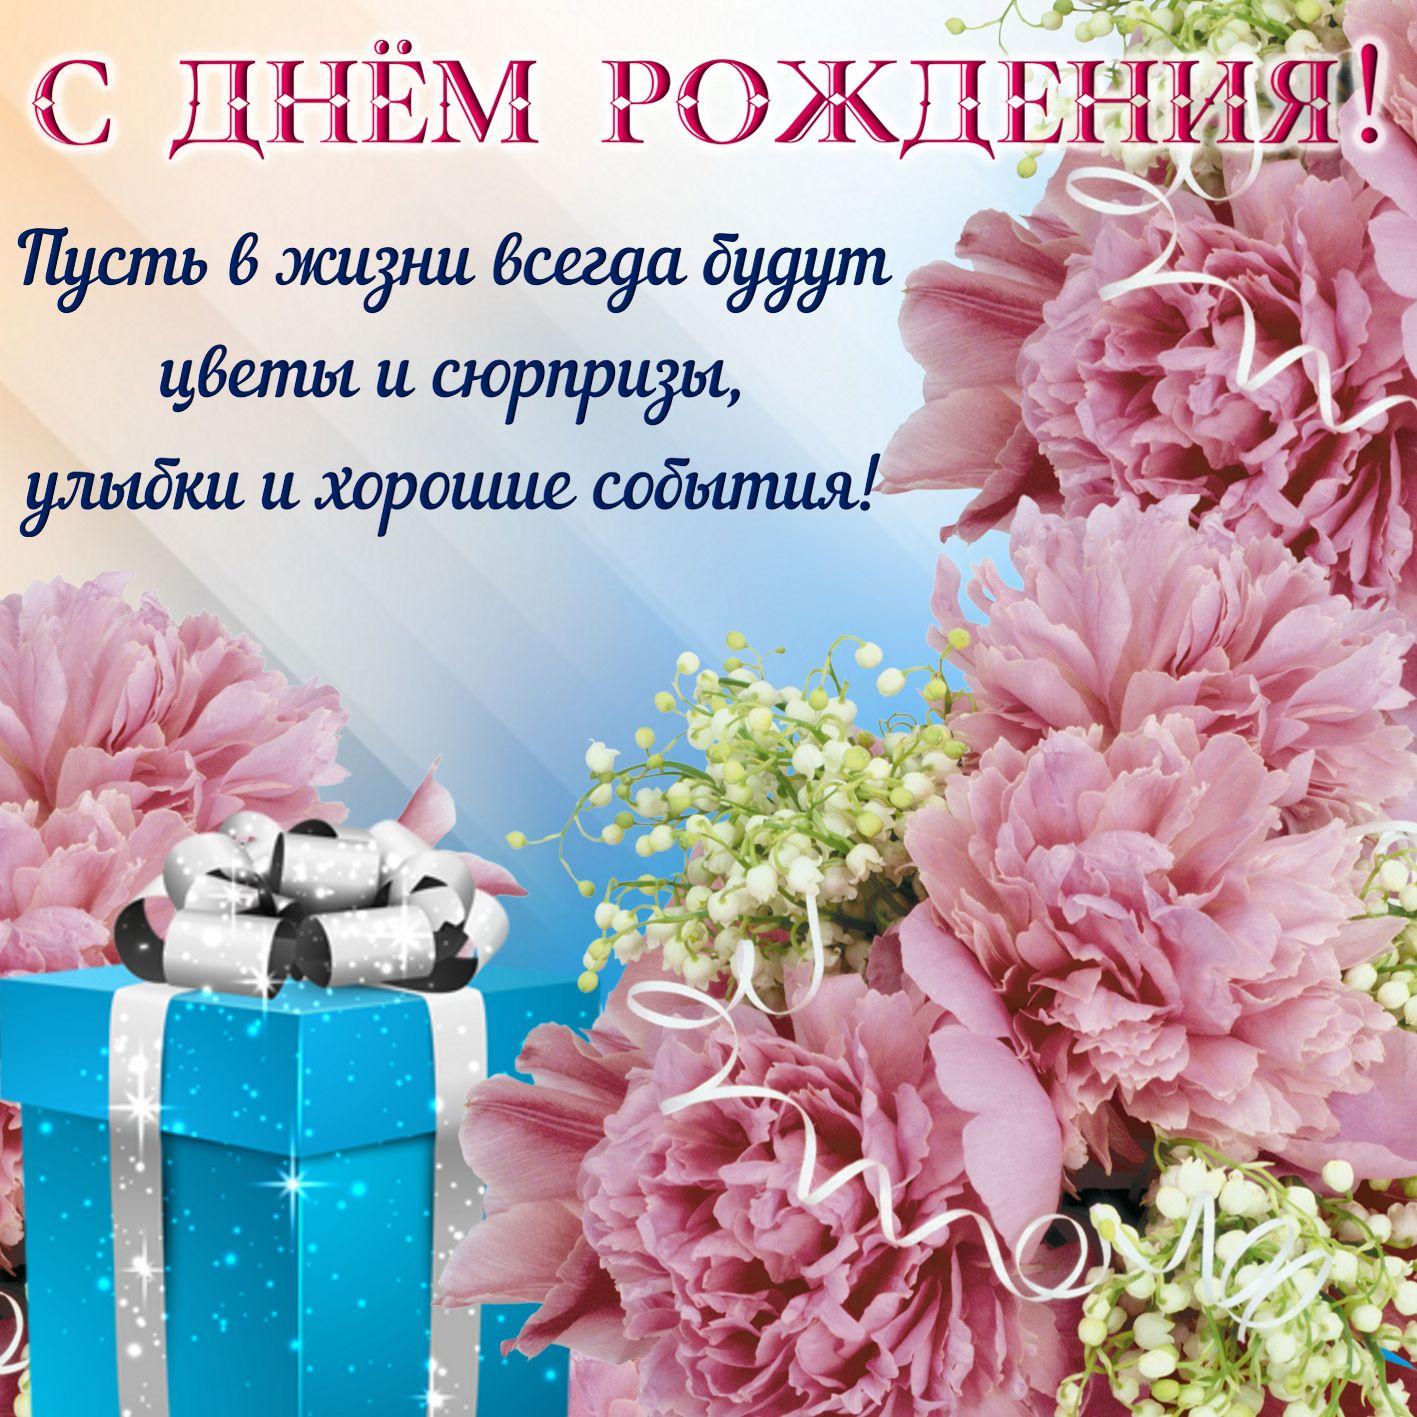 Поздравляю с днем рождения картинки красивые, открытки тел картинки